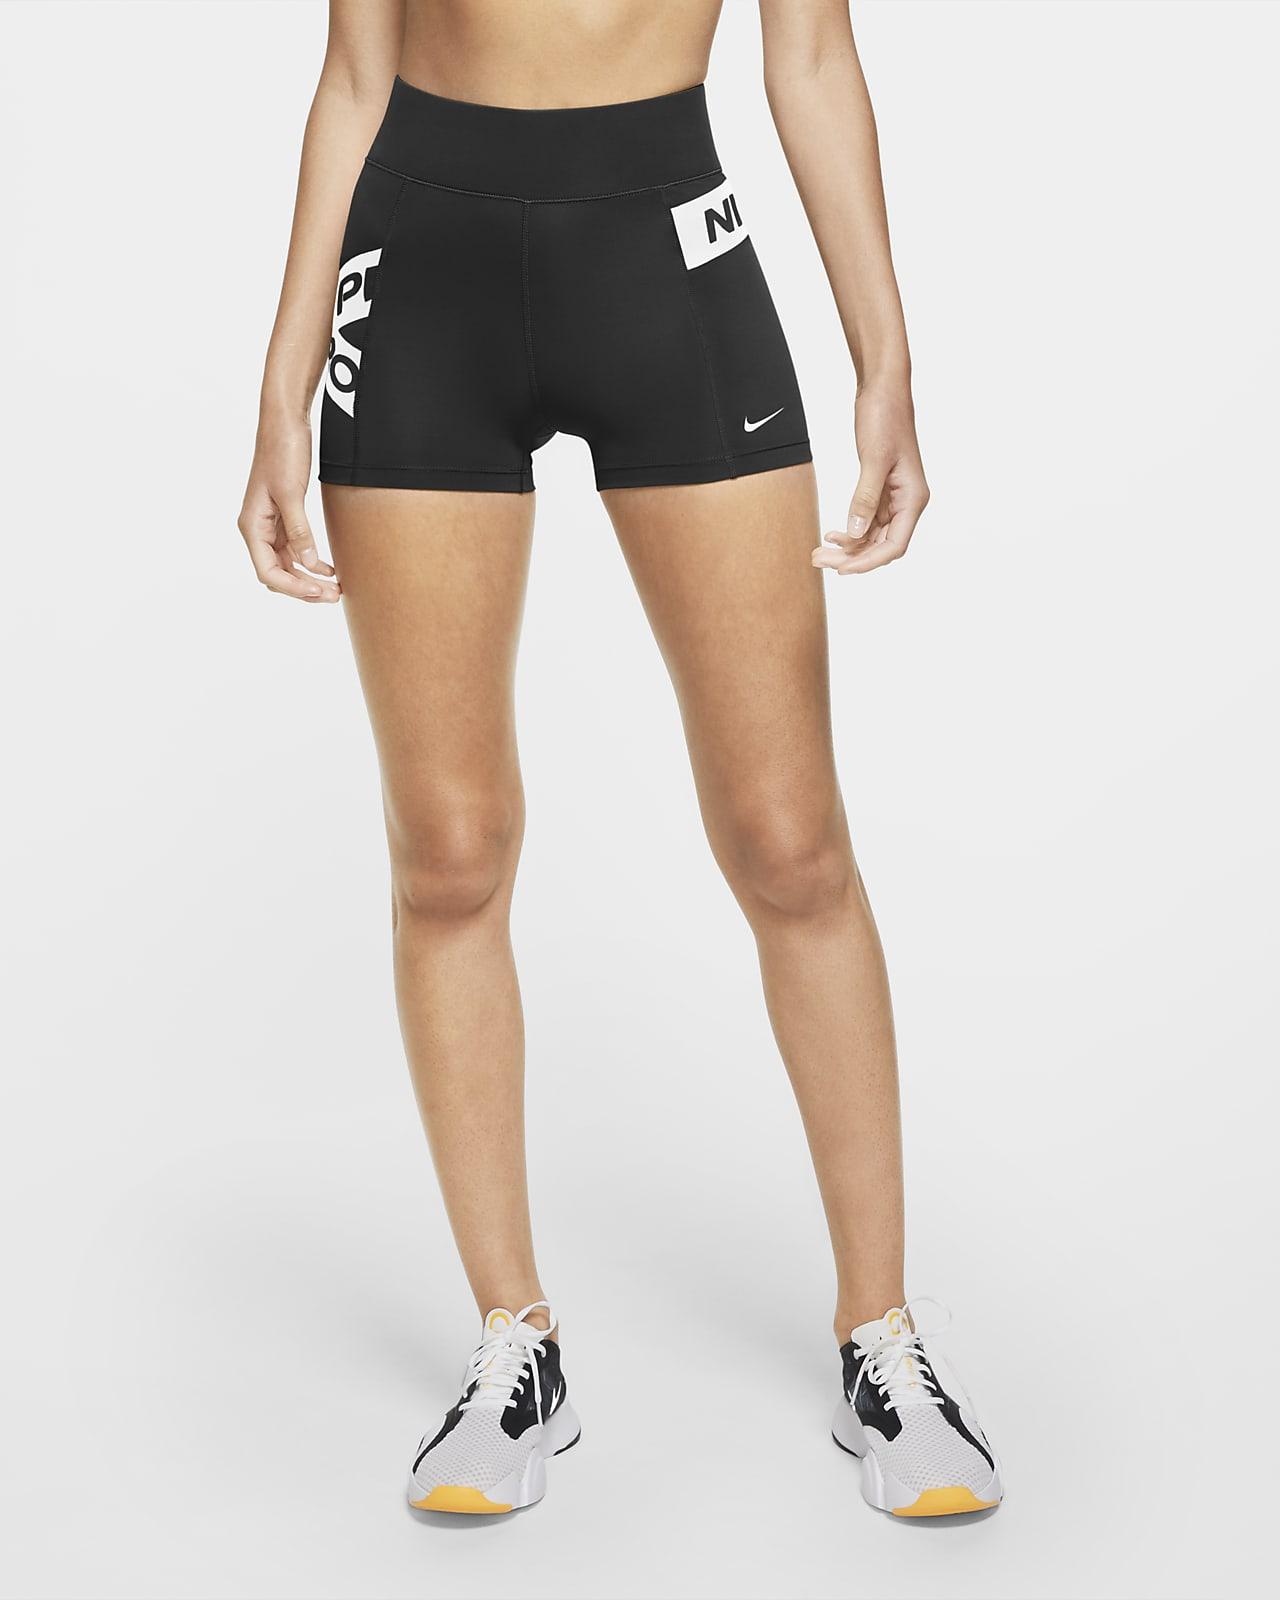 Dámské kraťasy Nike Pro s grafickým motivem